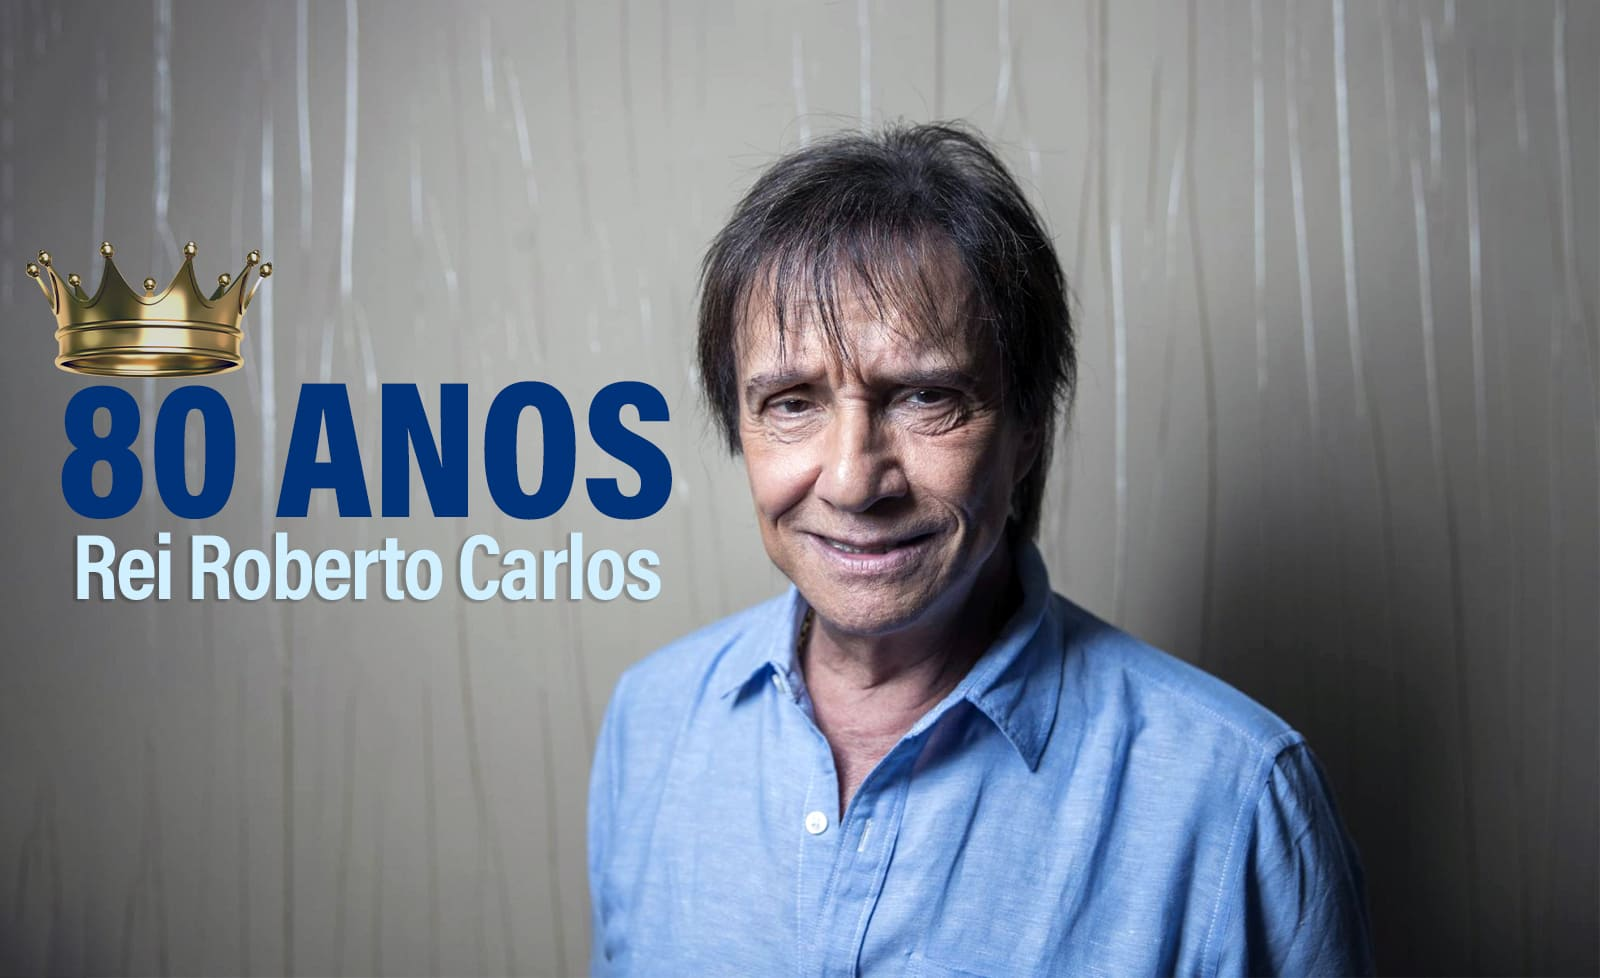 Roberto Carlos, 80 anos, com descrição na legenda do artigo 'Todos Estão Surdos' e você tá de calça, Roberto.